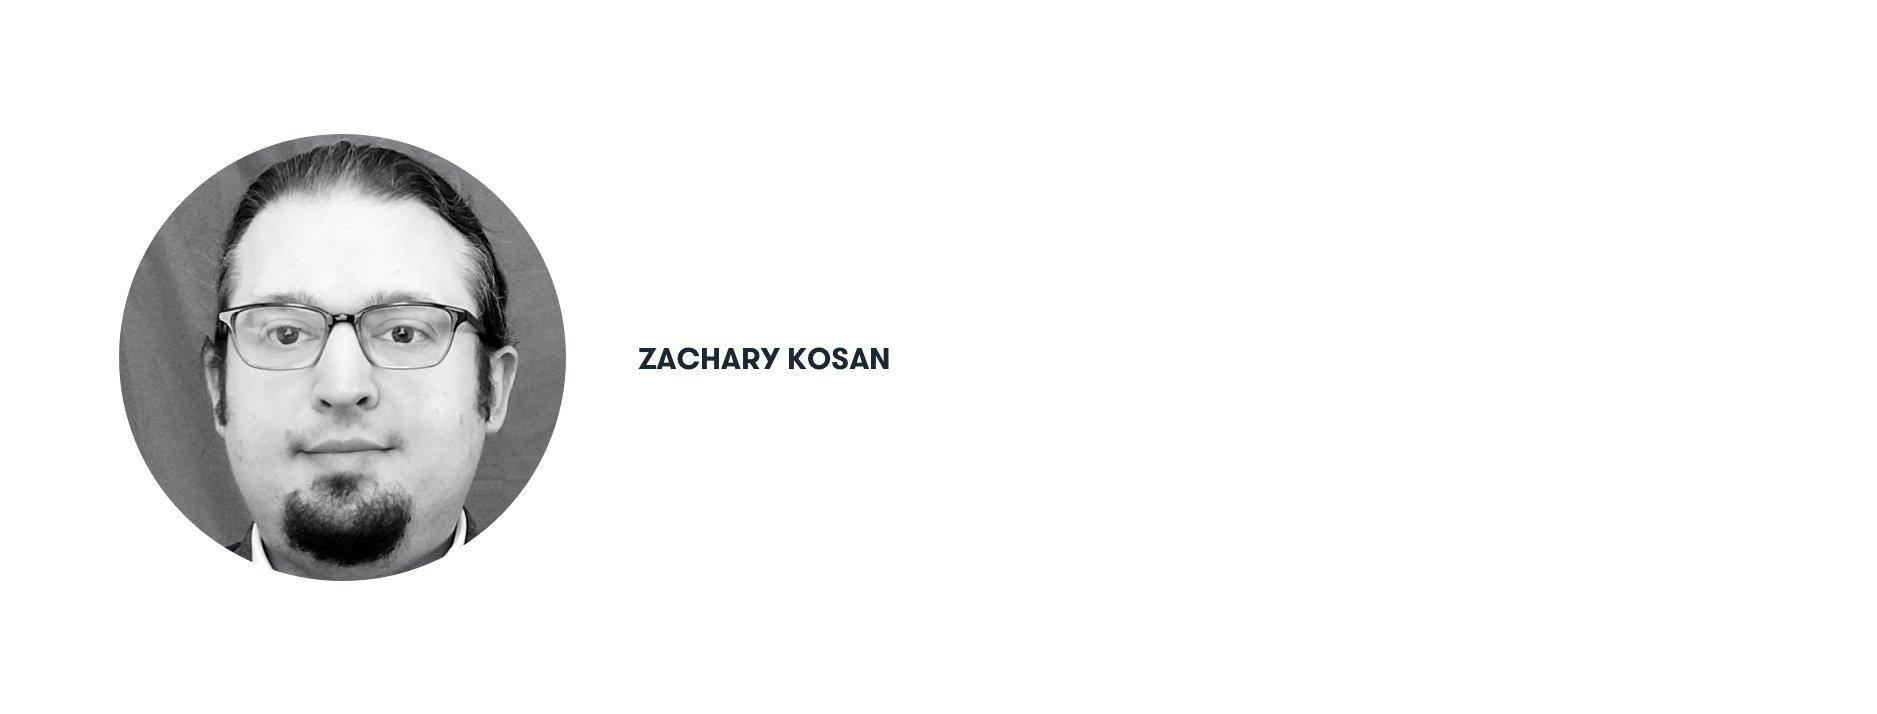 Zachary Kosan